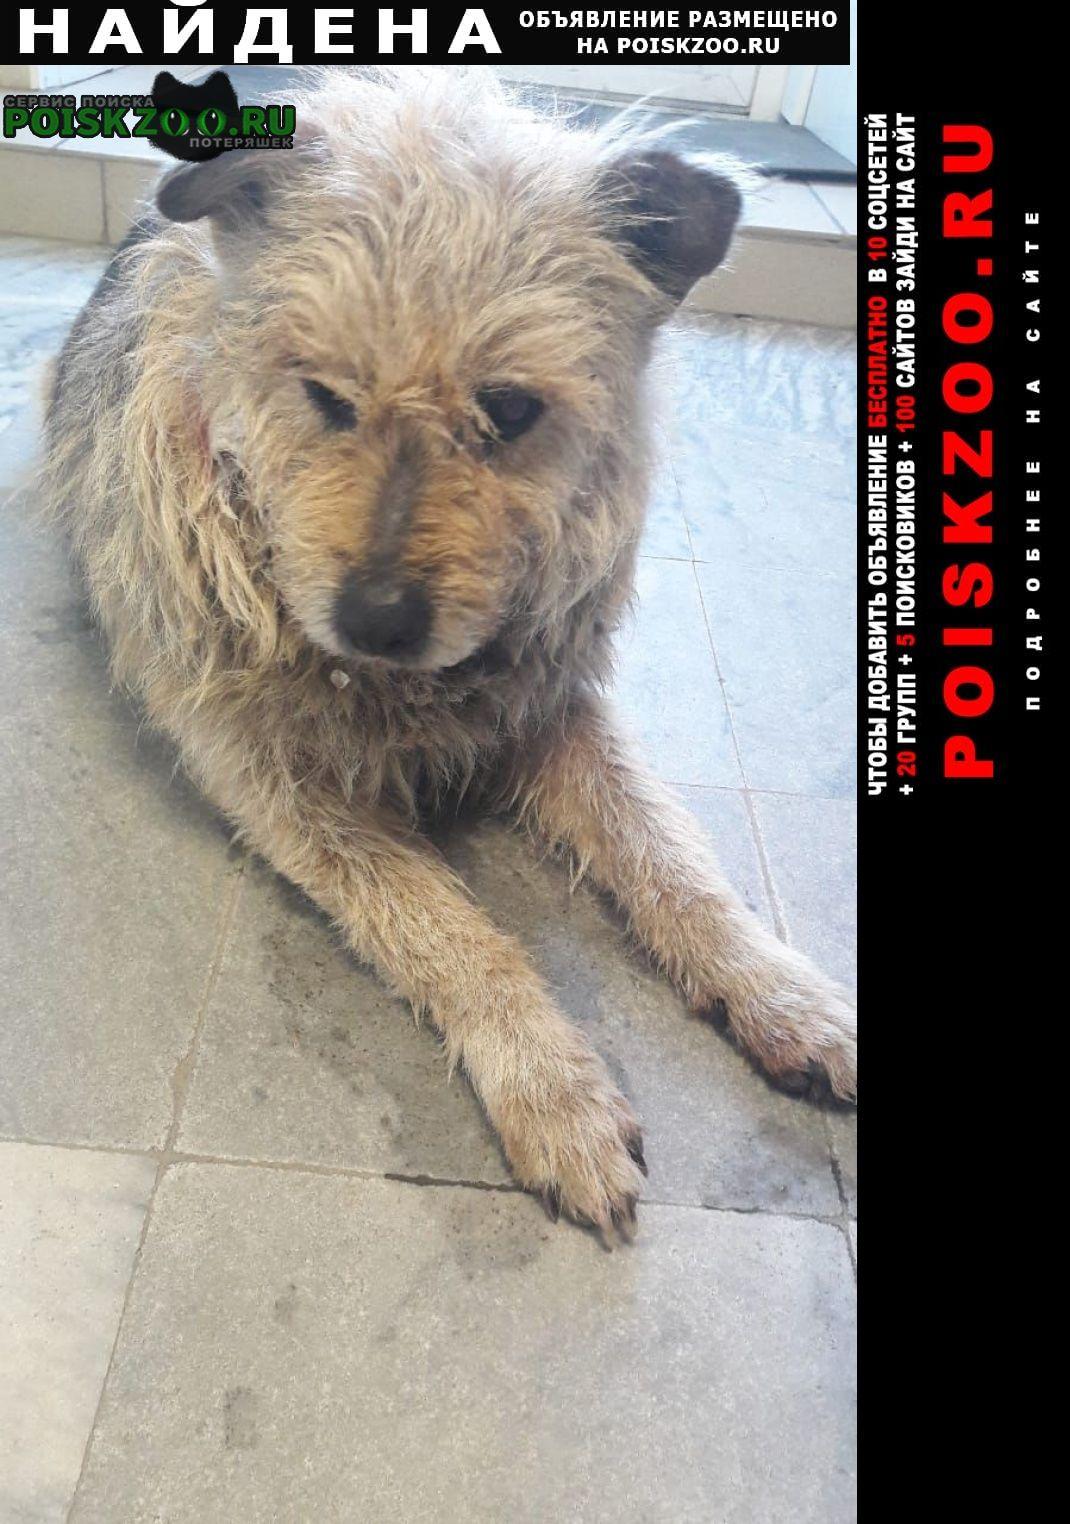 Найдена собака срочно нужна помощь Омск